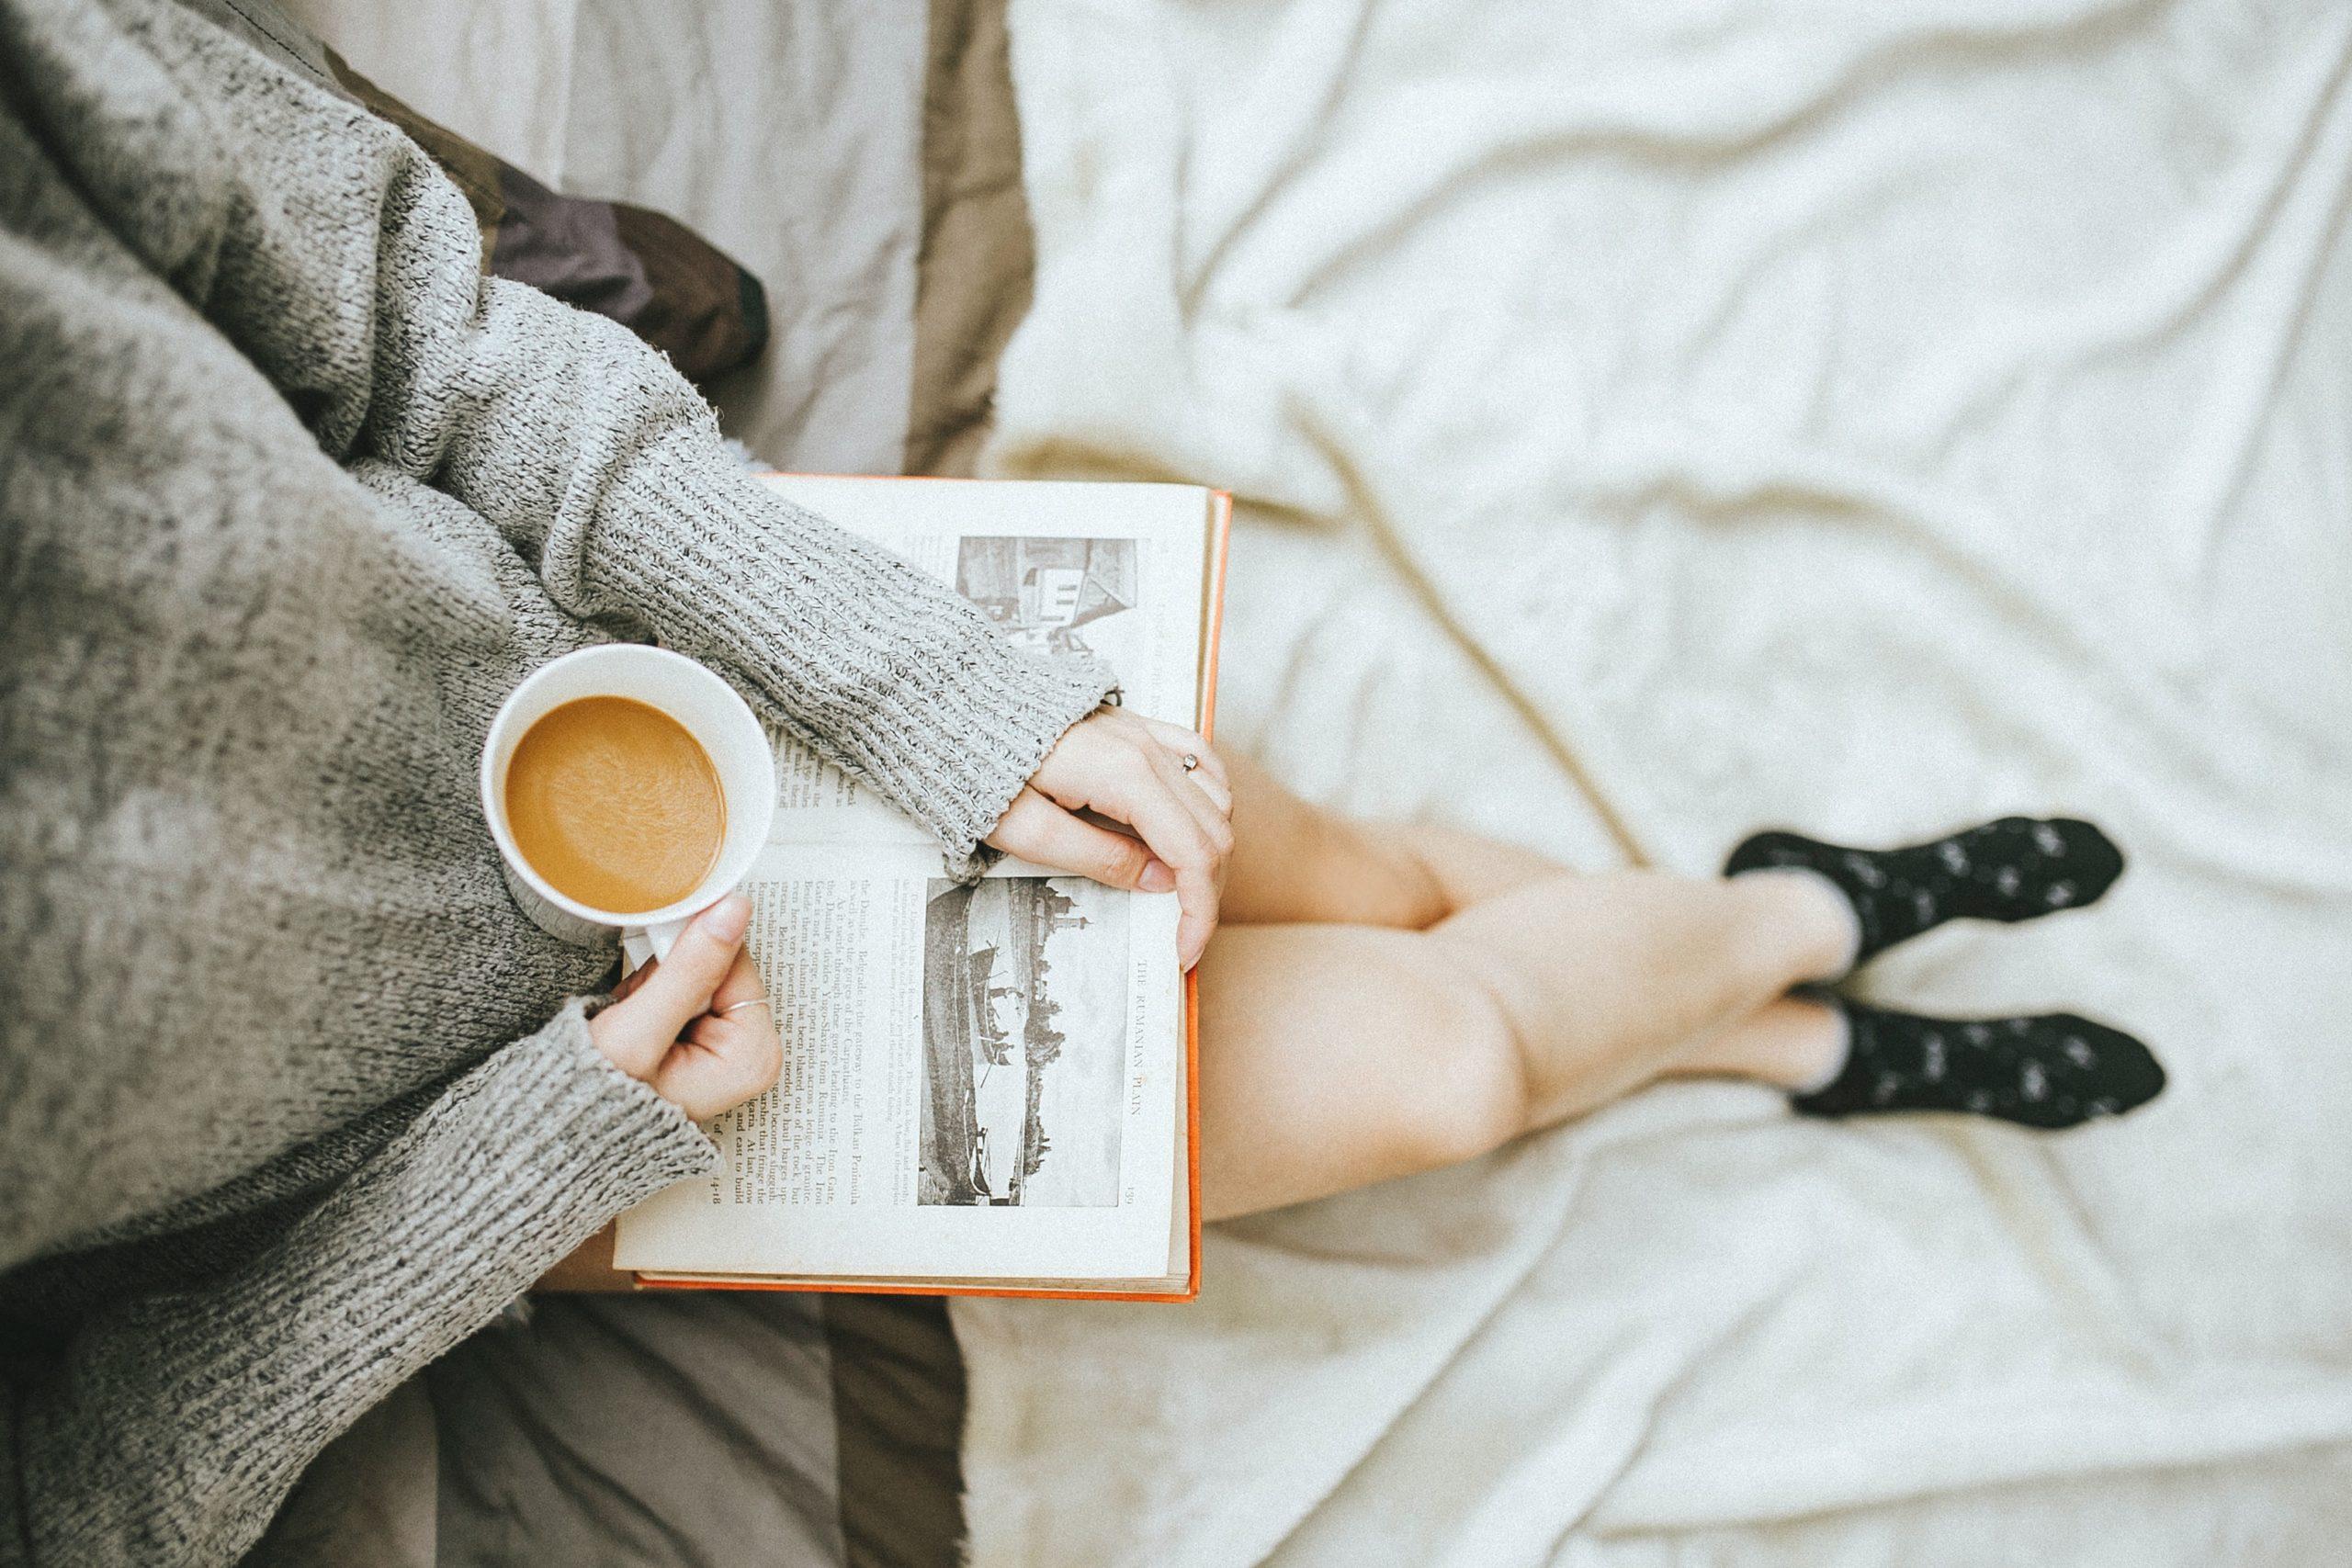 5 Tipps für mehr Selbstfürsorge im Alltag